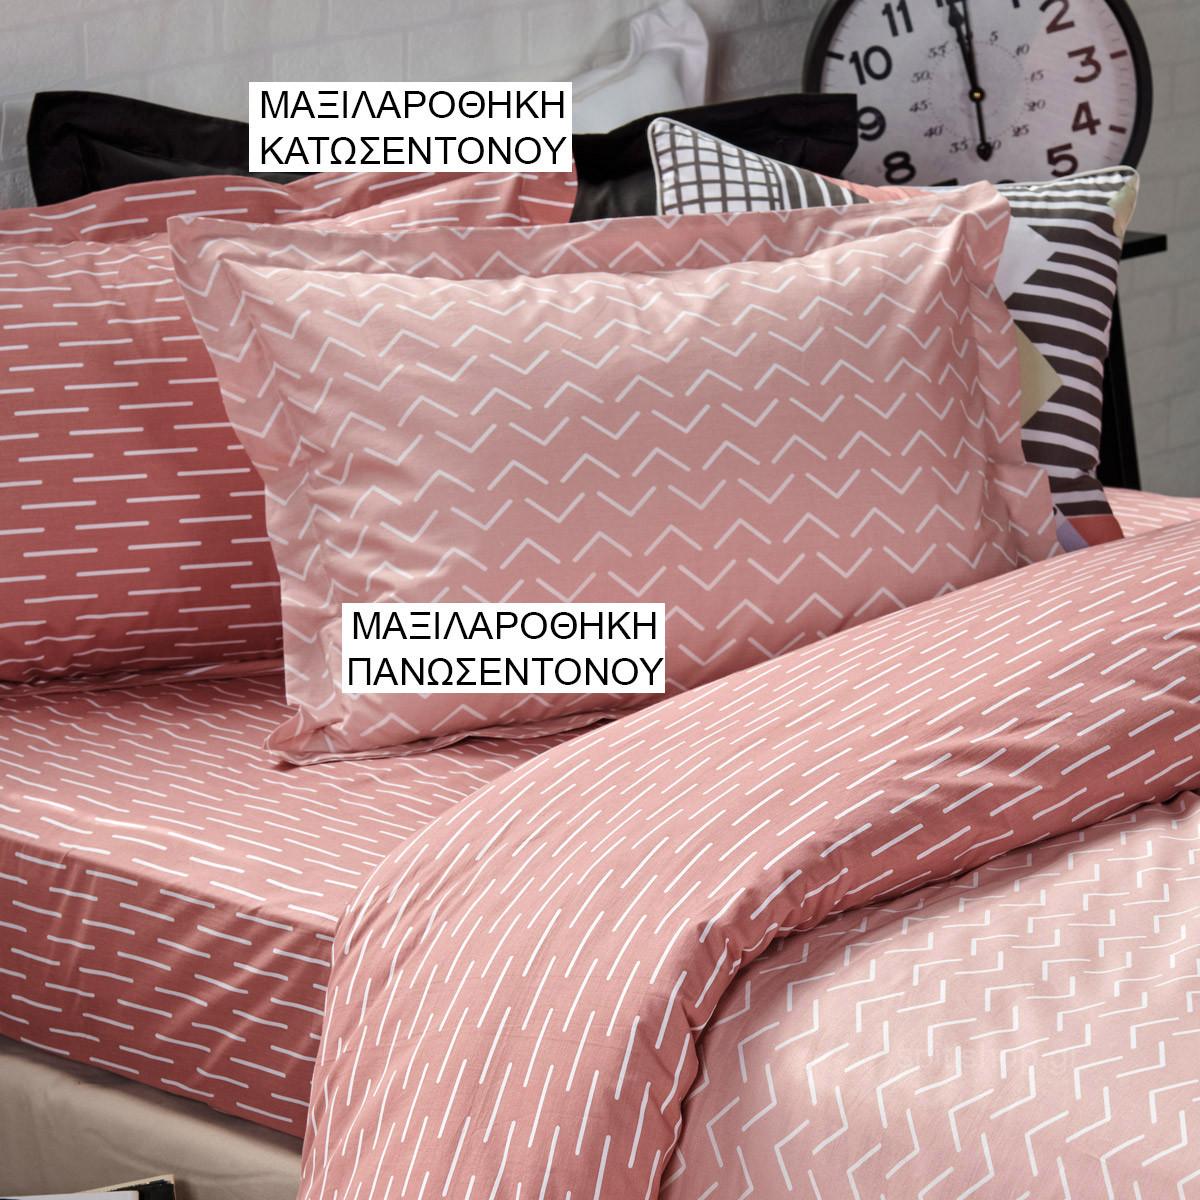 Ζεύγος Μαξιλαροθήκες Oxford Kentia Versus Gio 18 home   κρεβατοκάμαρα   μαξιλάρια   μαξιλαροθήκες